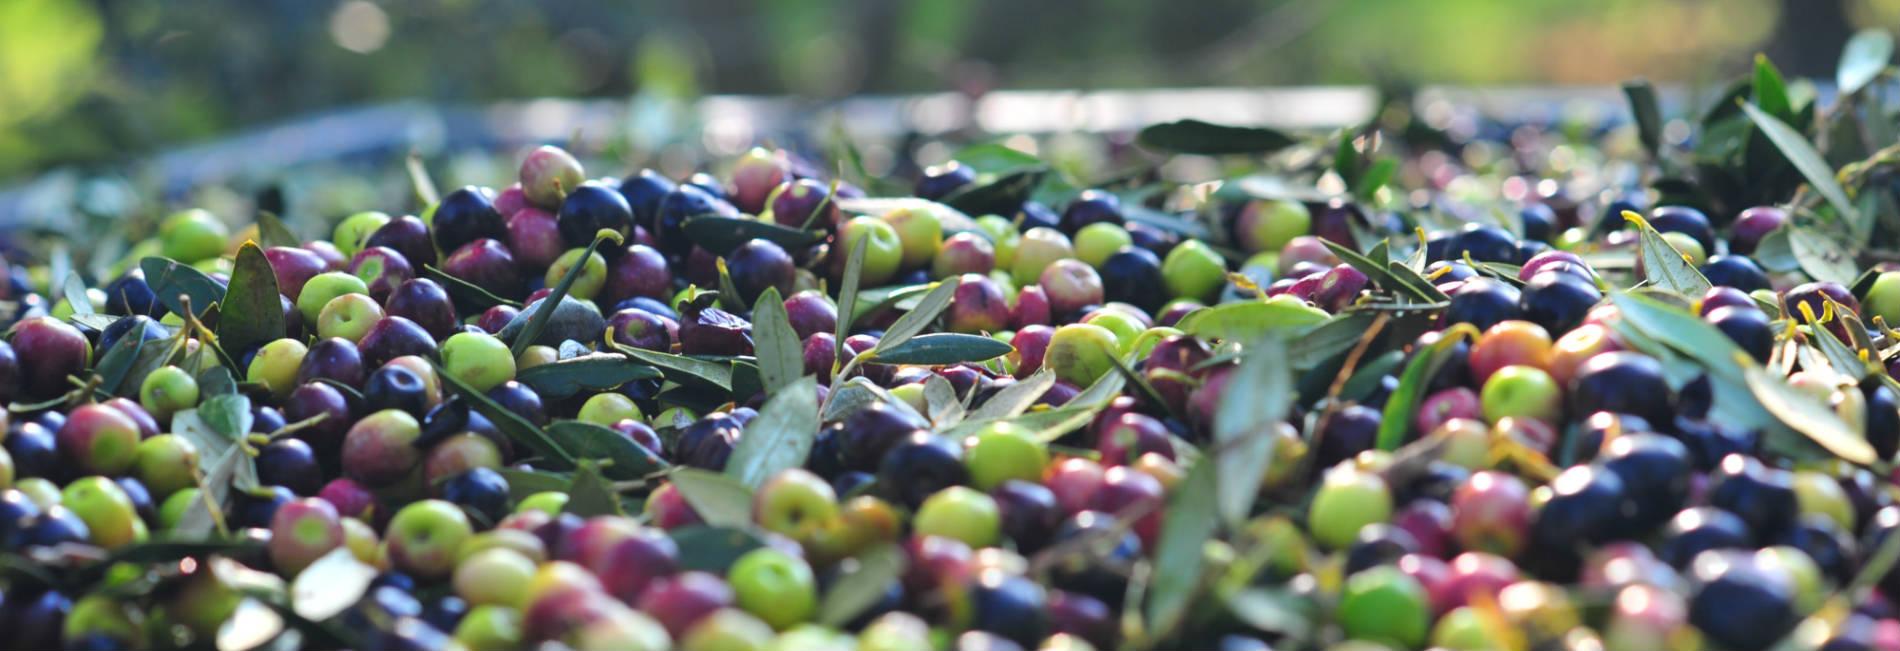 Adopteer Een Olijfboom En Ontvang Jaarlijks 10 Blikjes Superverse Arbequina Olijfolie